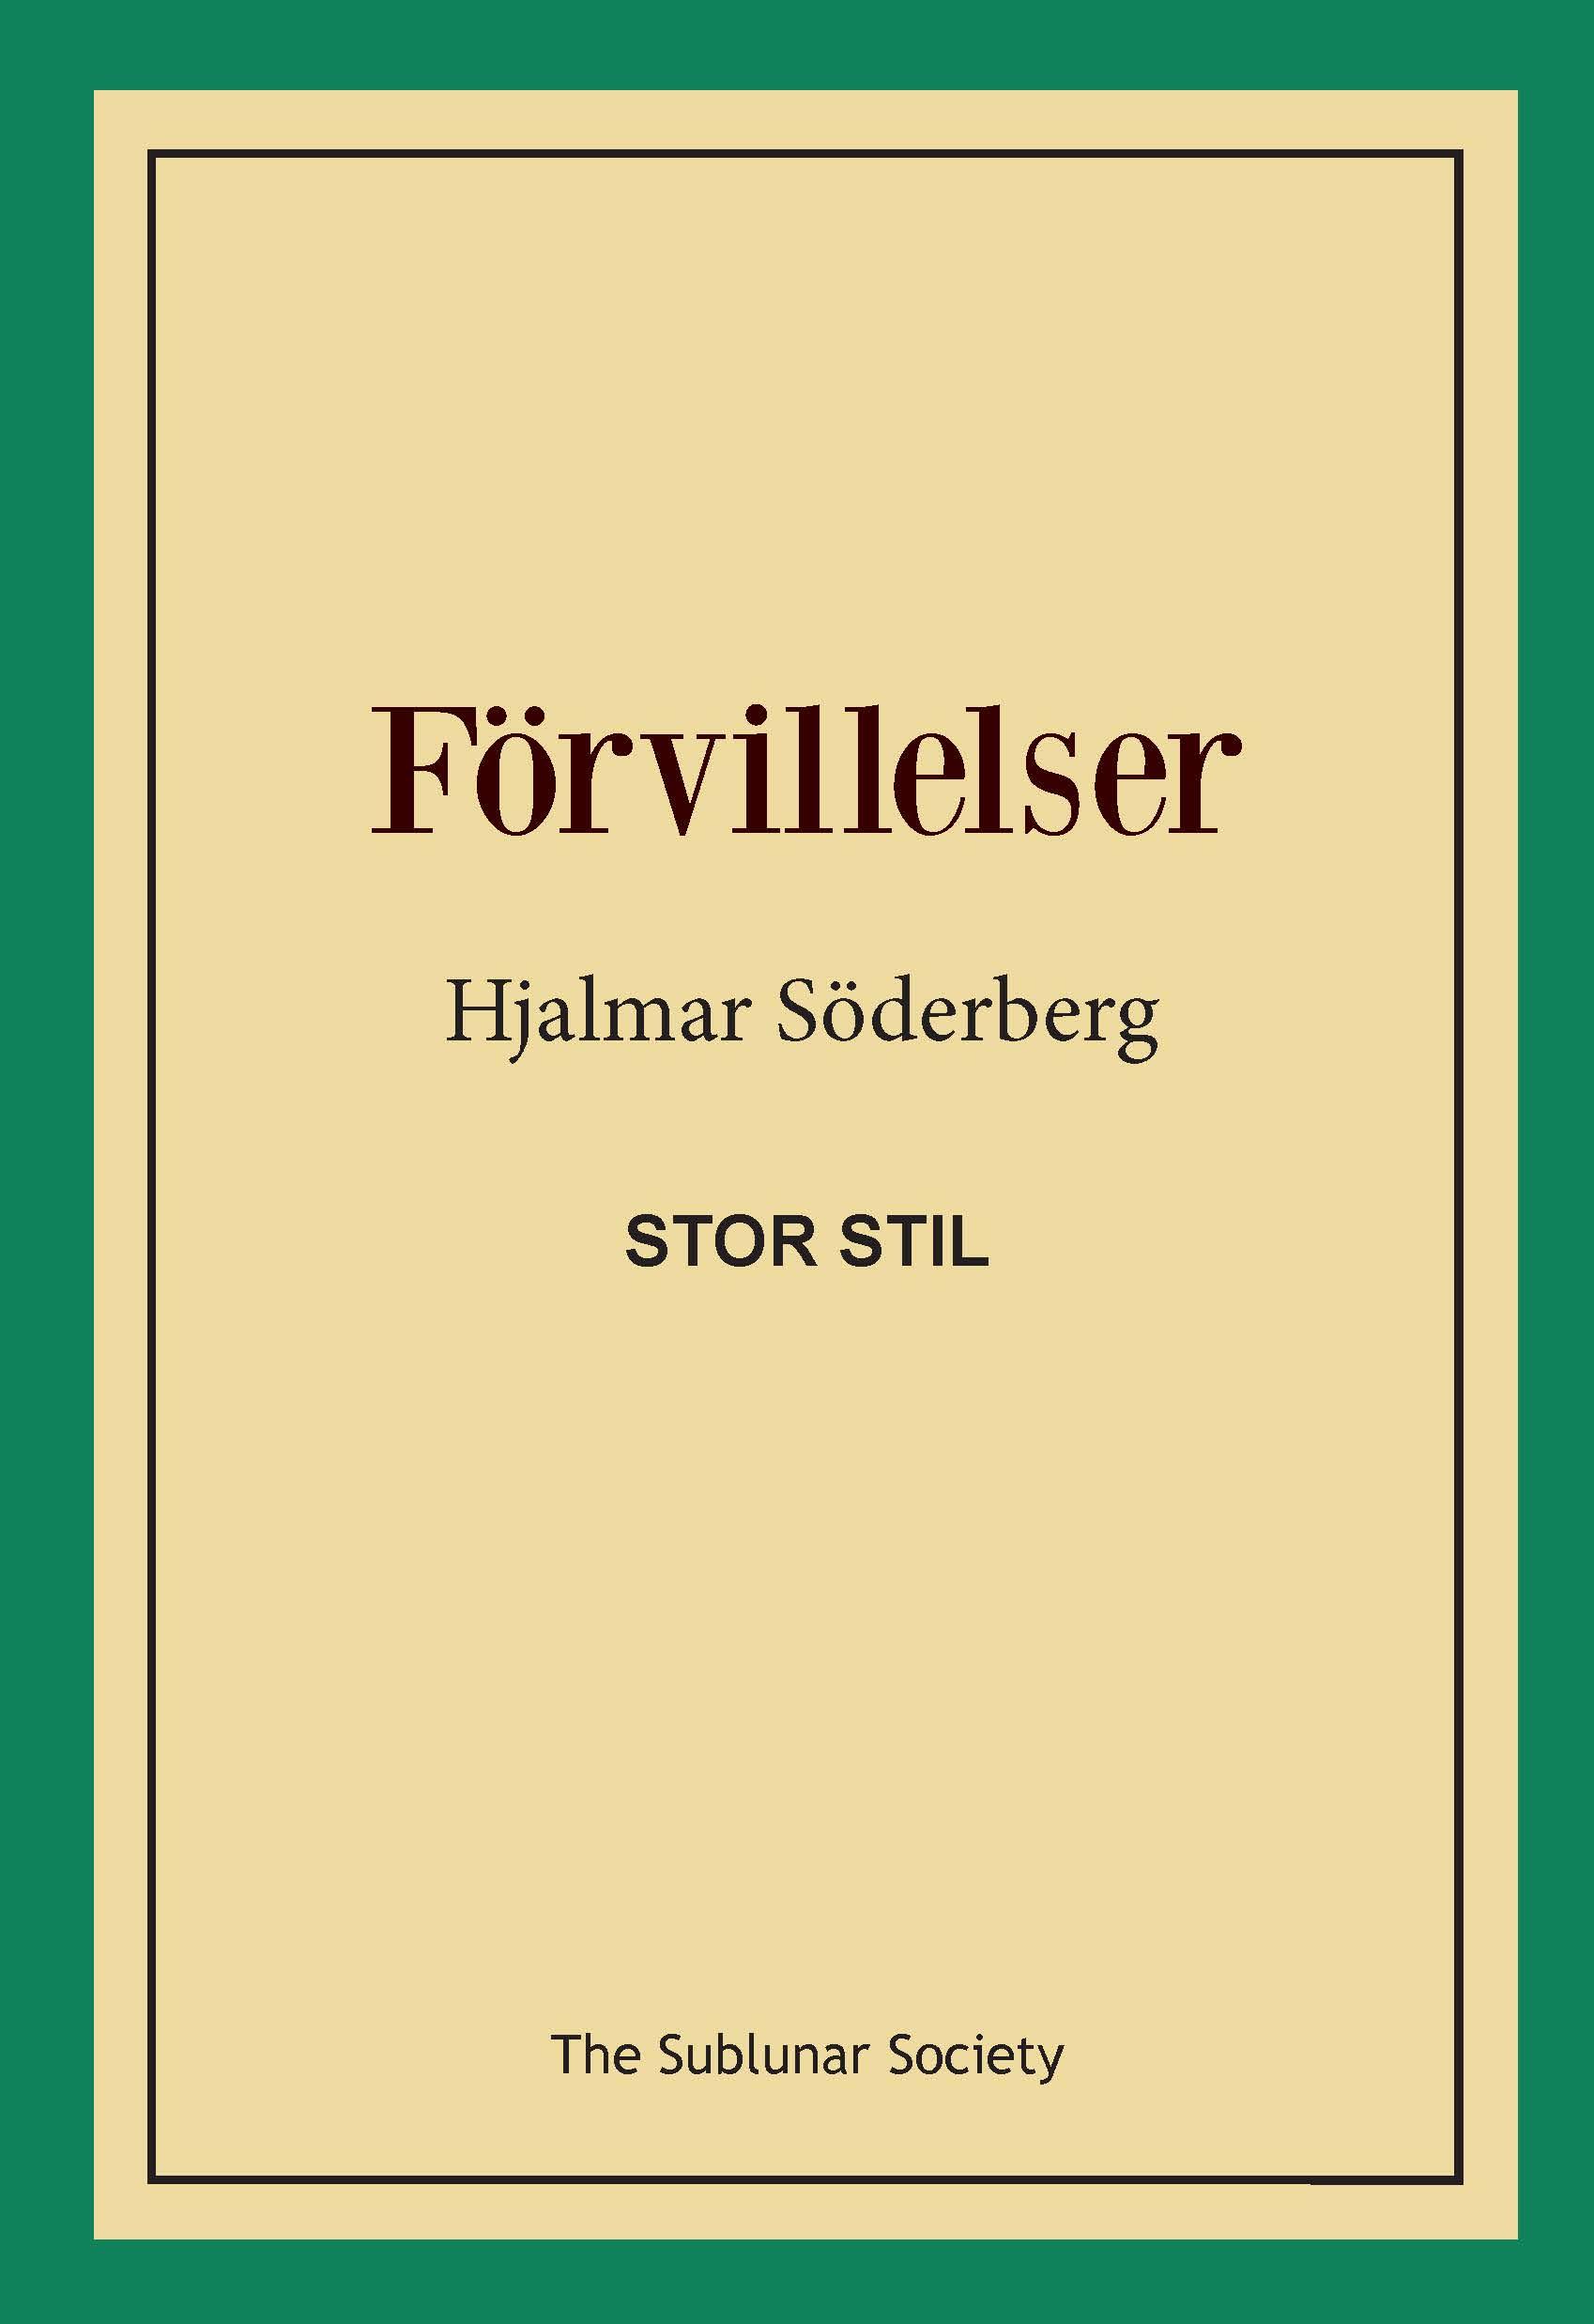 Förvillelser (stor stil) av Hjalmar Söderberg